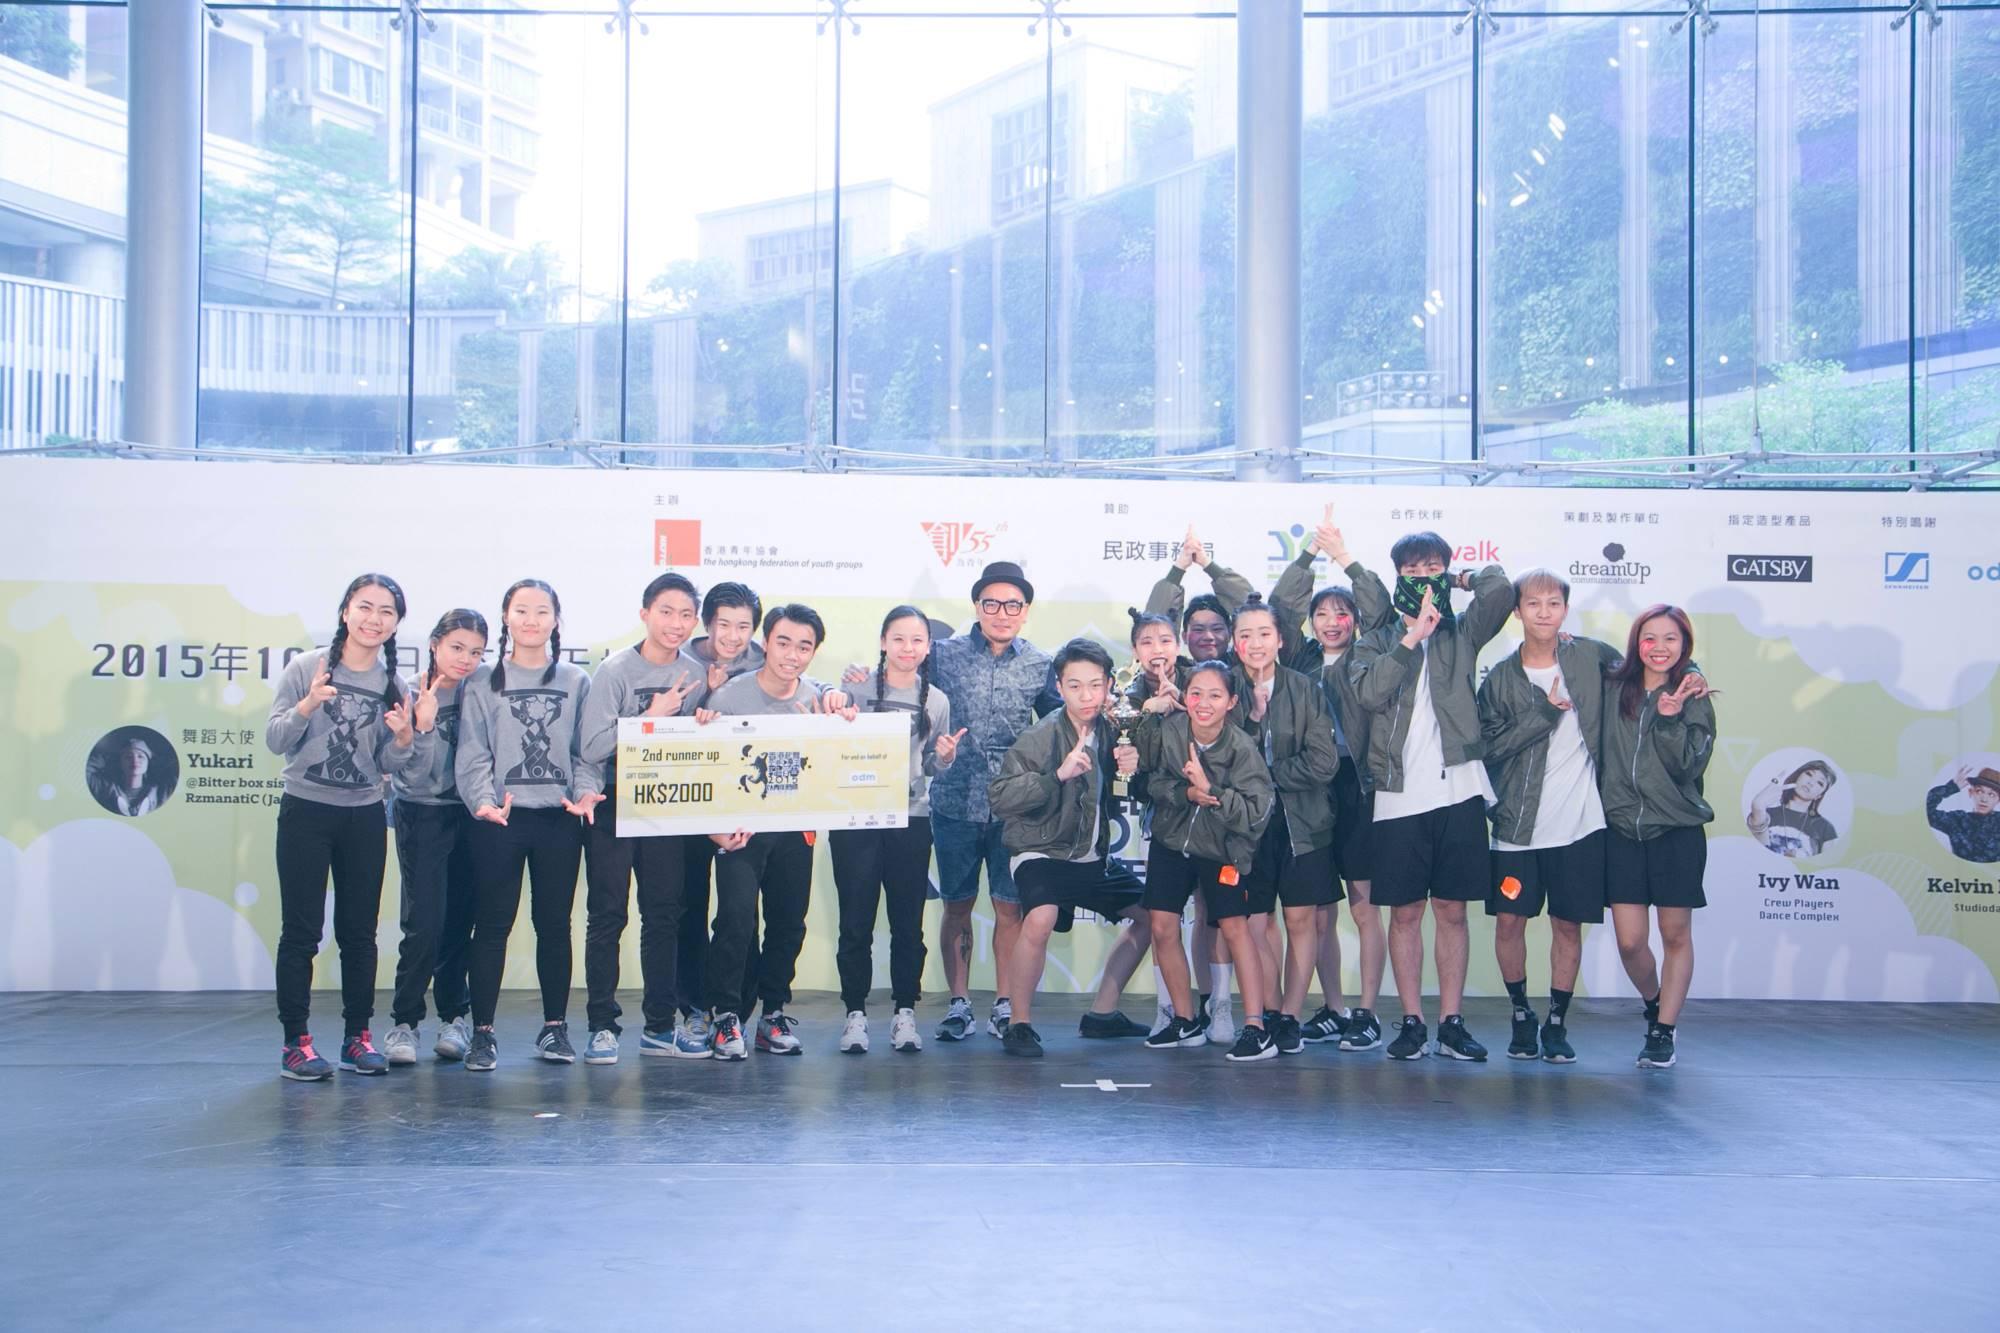 全港中學生舞蹈賽2015得獎隊伍 (3)